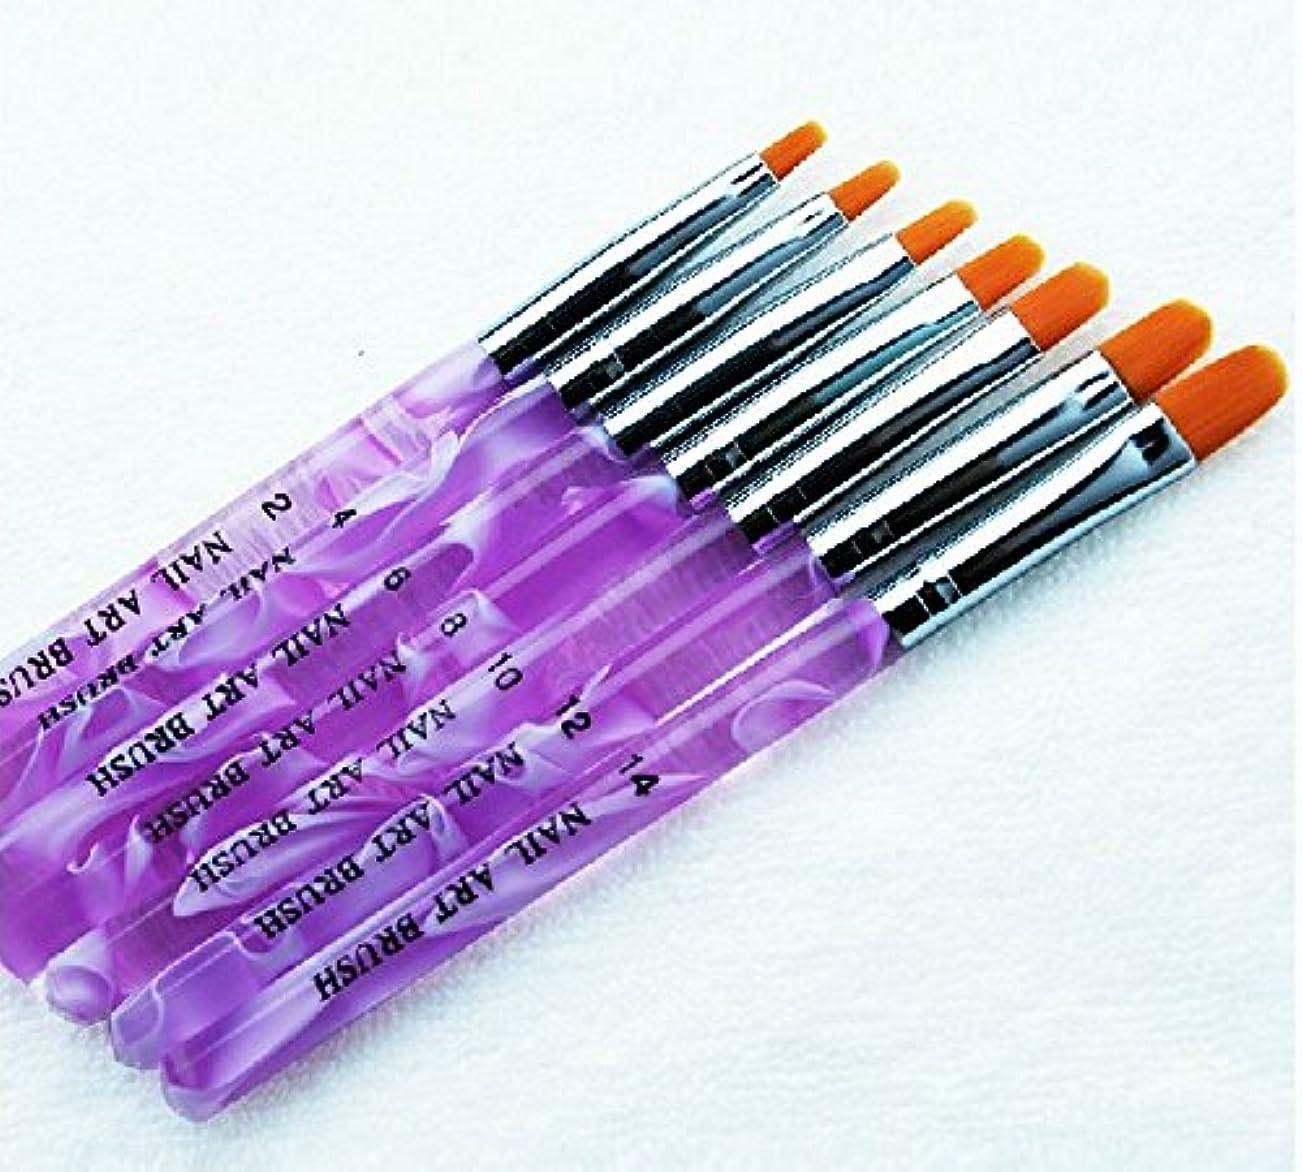 シャイ二度シティPOT ジェル ネイルブラシ 7本セット UV用 ジェルブラシ 平筆ブラシ 使い分けに ナンバー 印字 入り